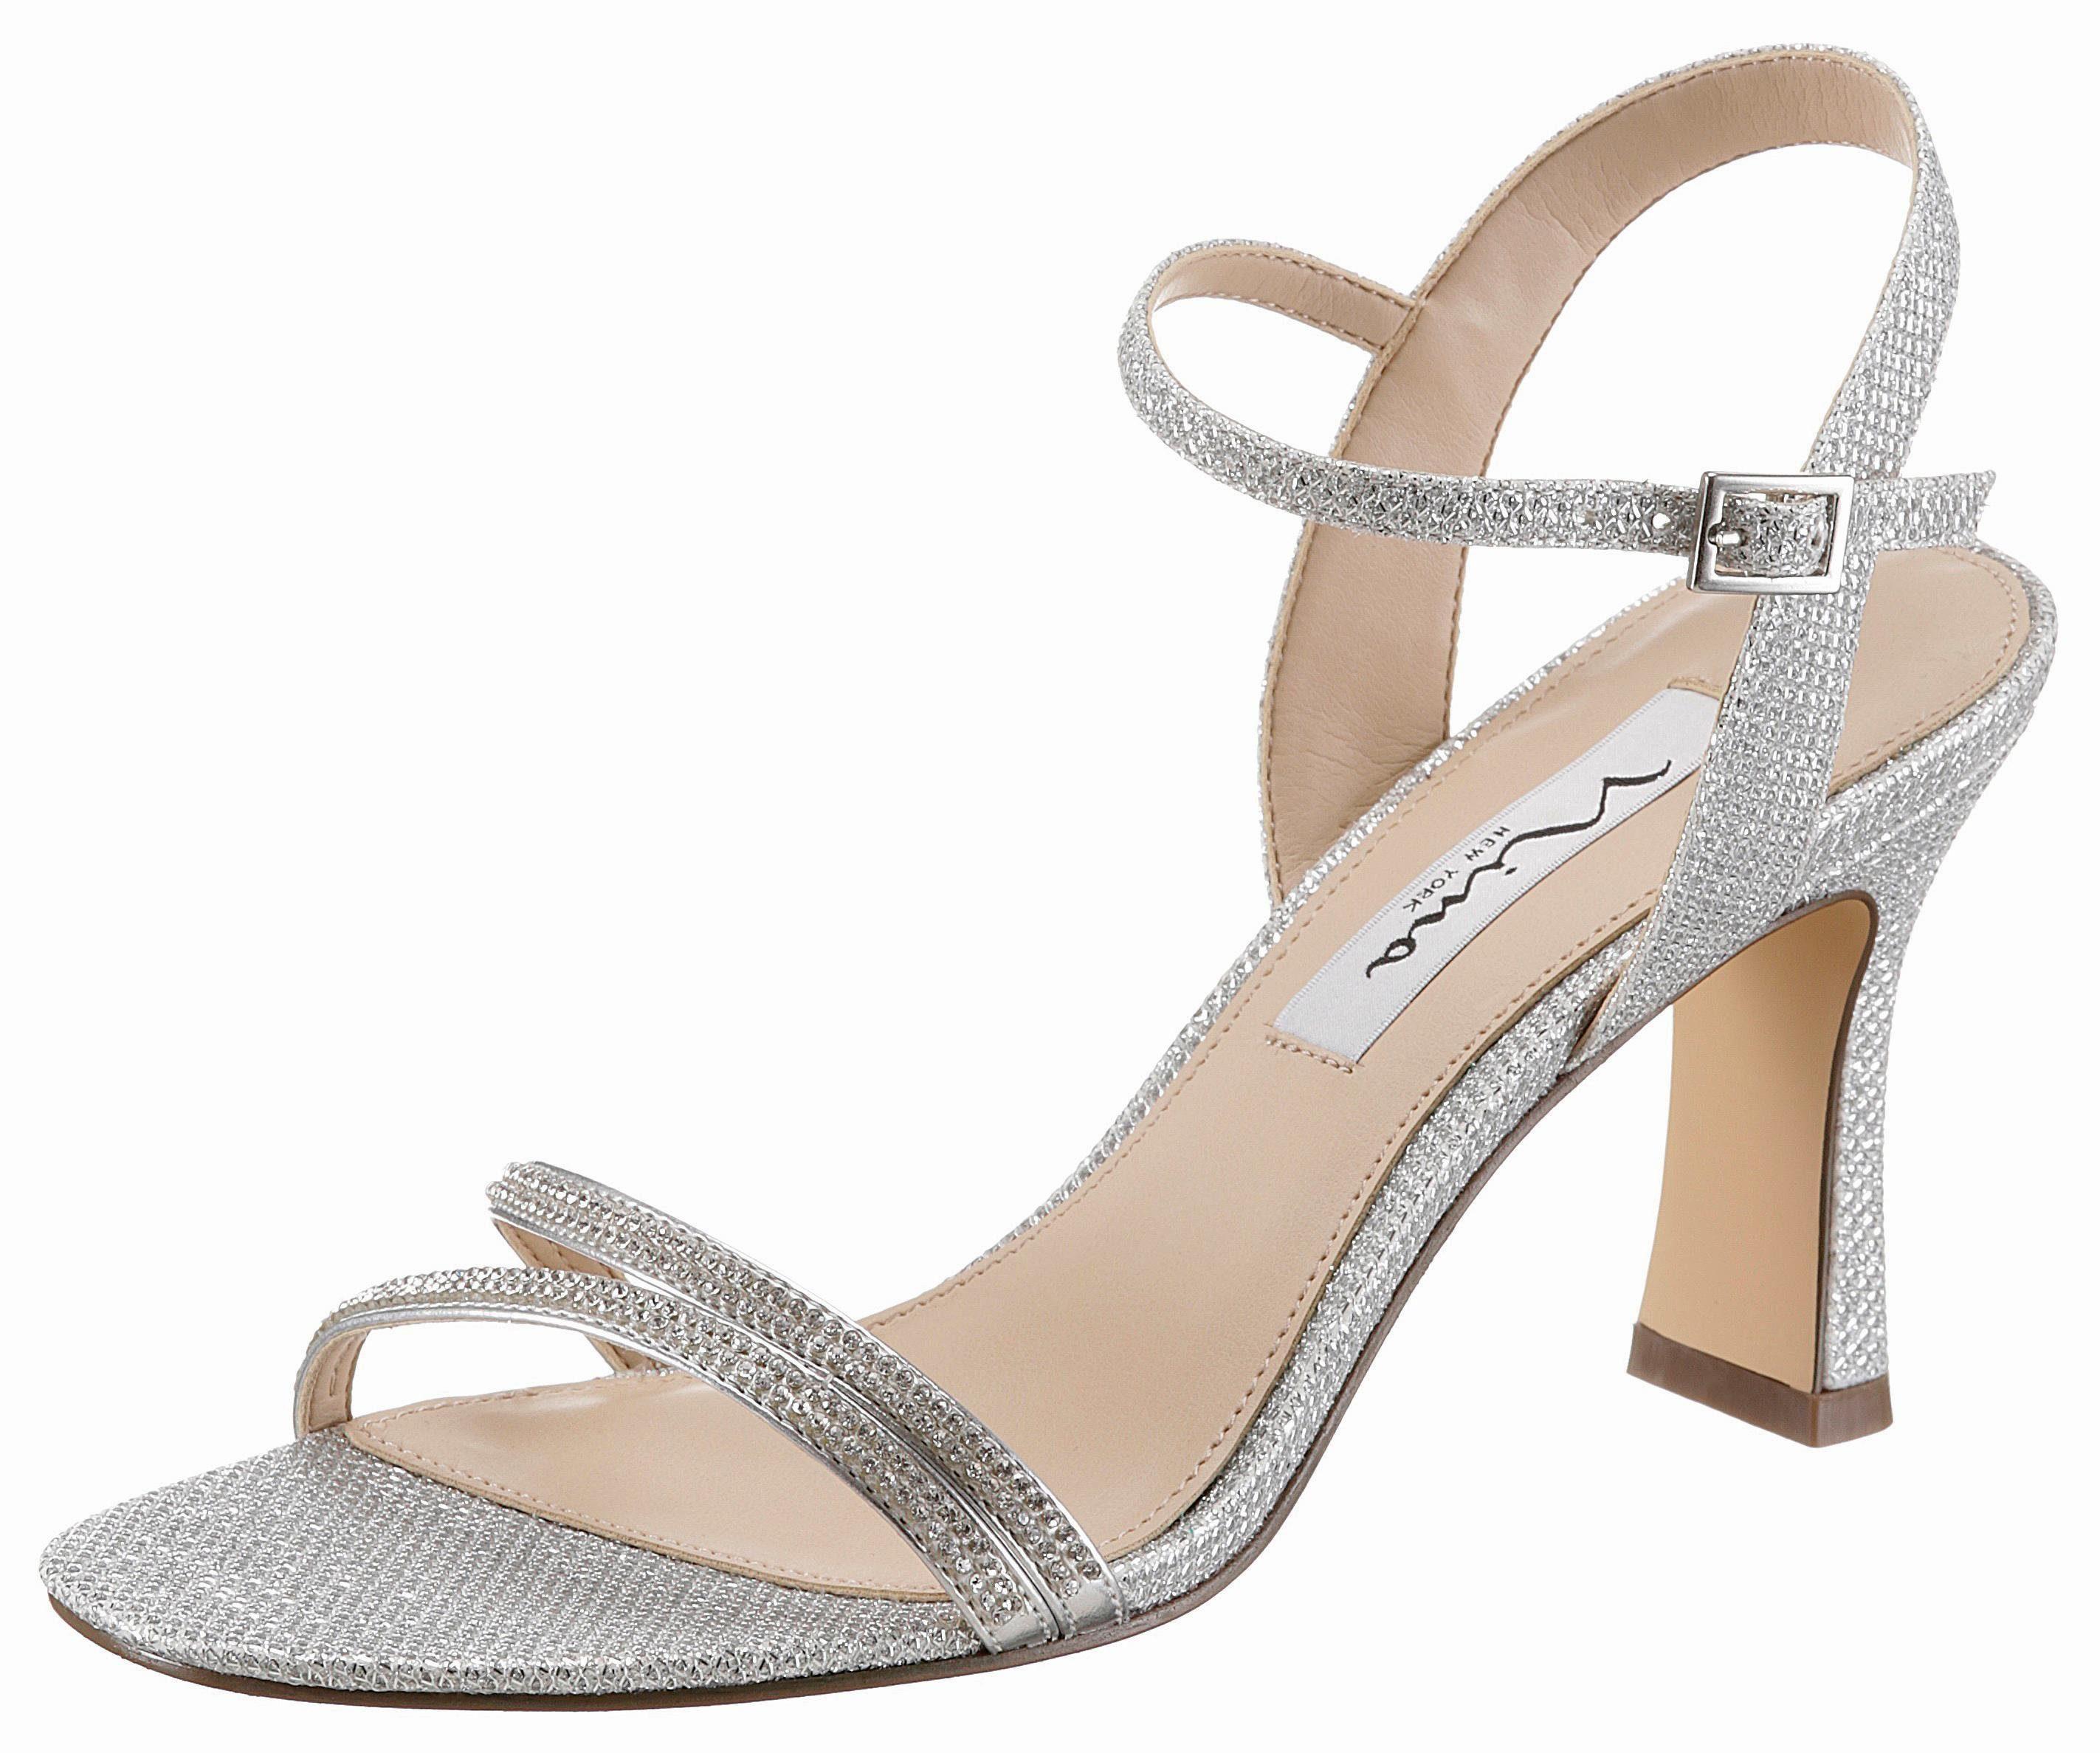 Nina »Siana« Sandalette, mit eleganten Steinchen verziert, silberfarben, silberfarben